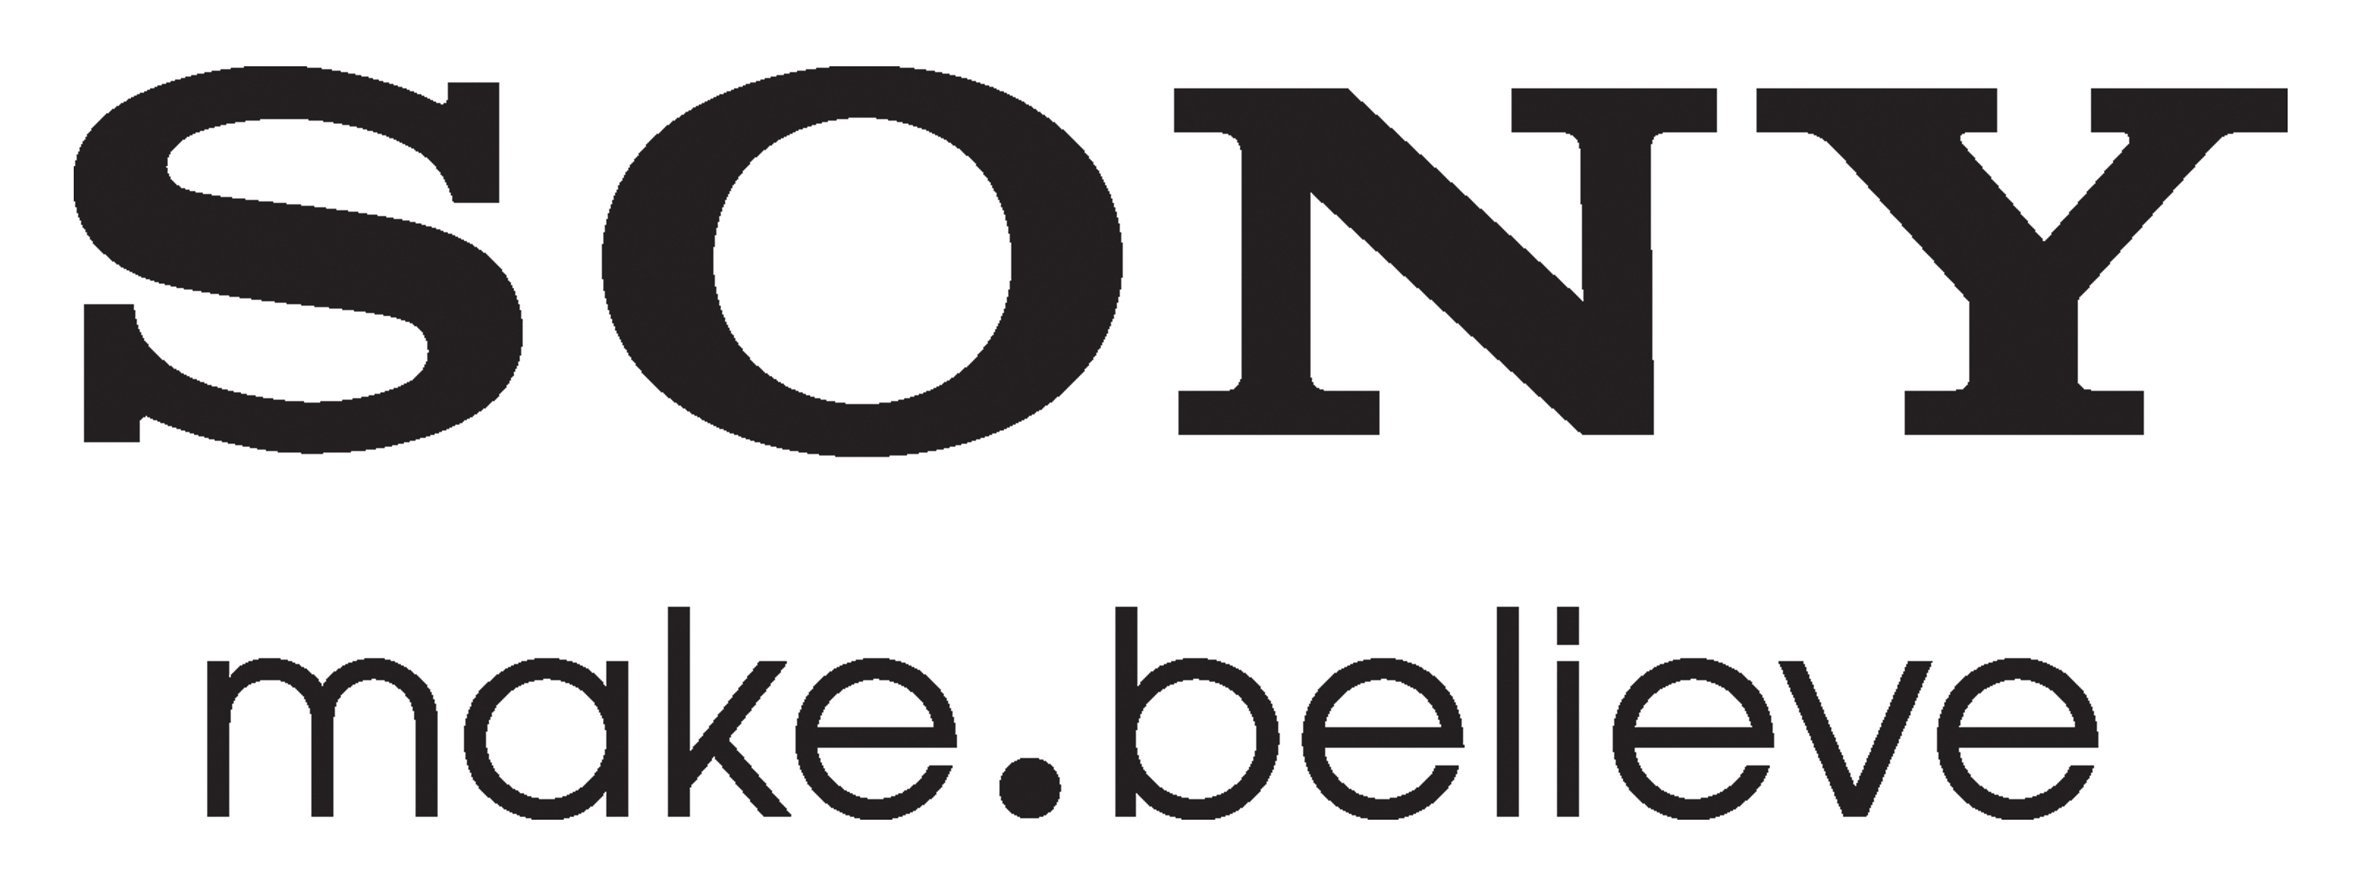 Sony : des résultats financiers encourageants mais plombés par la branche mobile